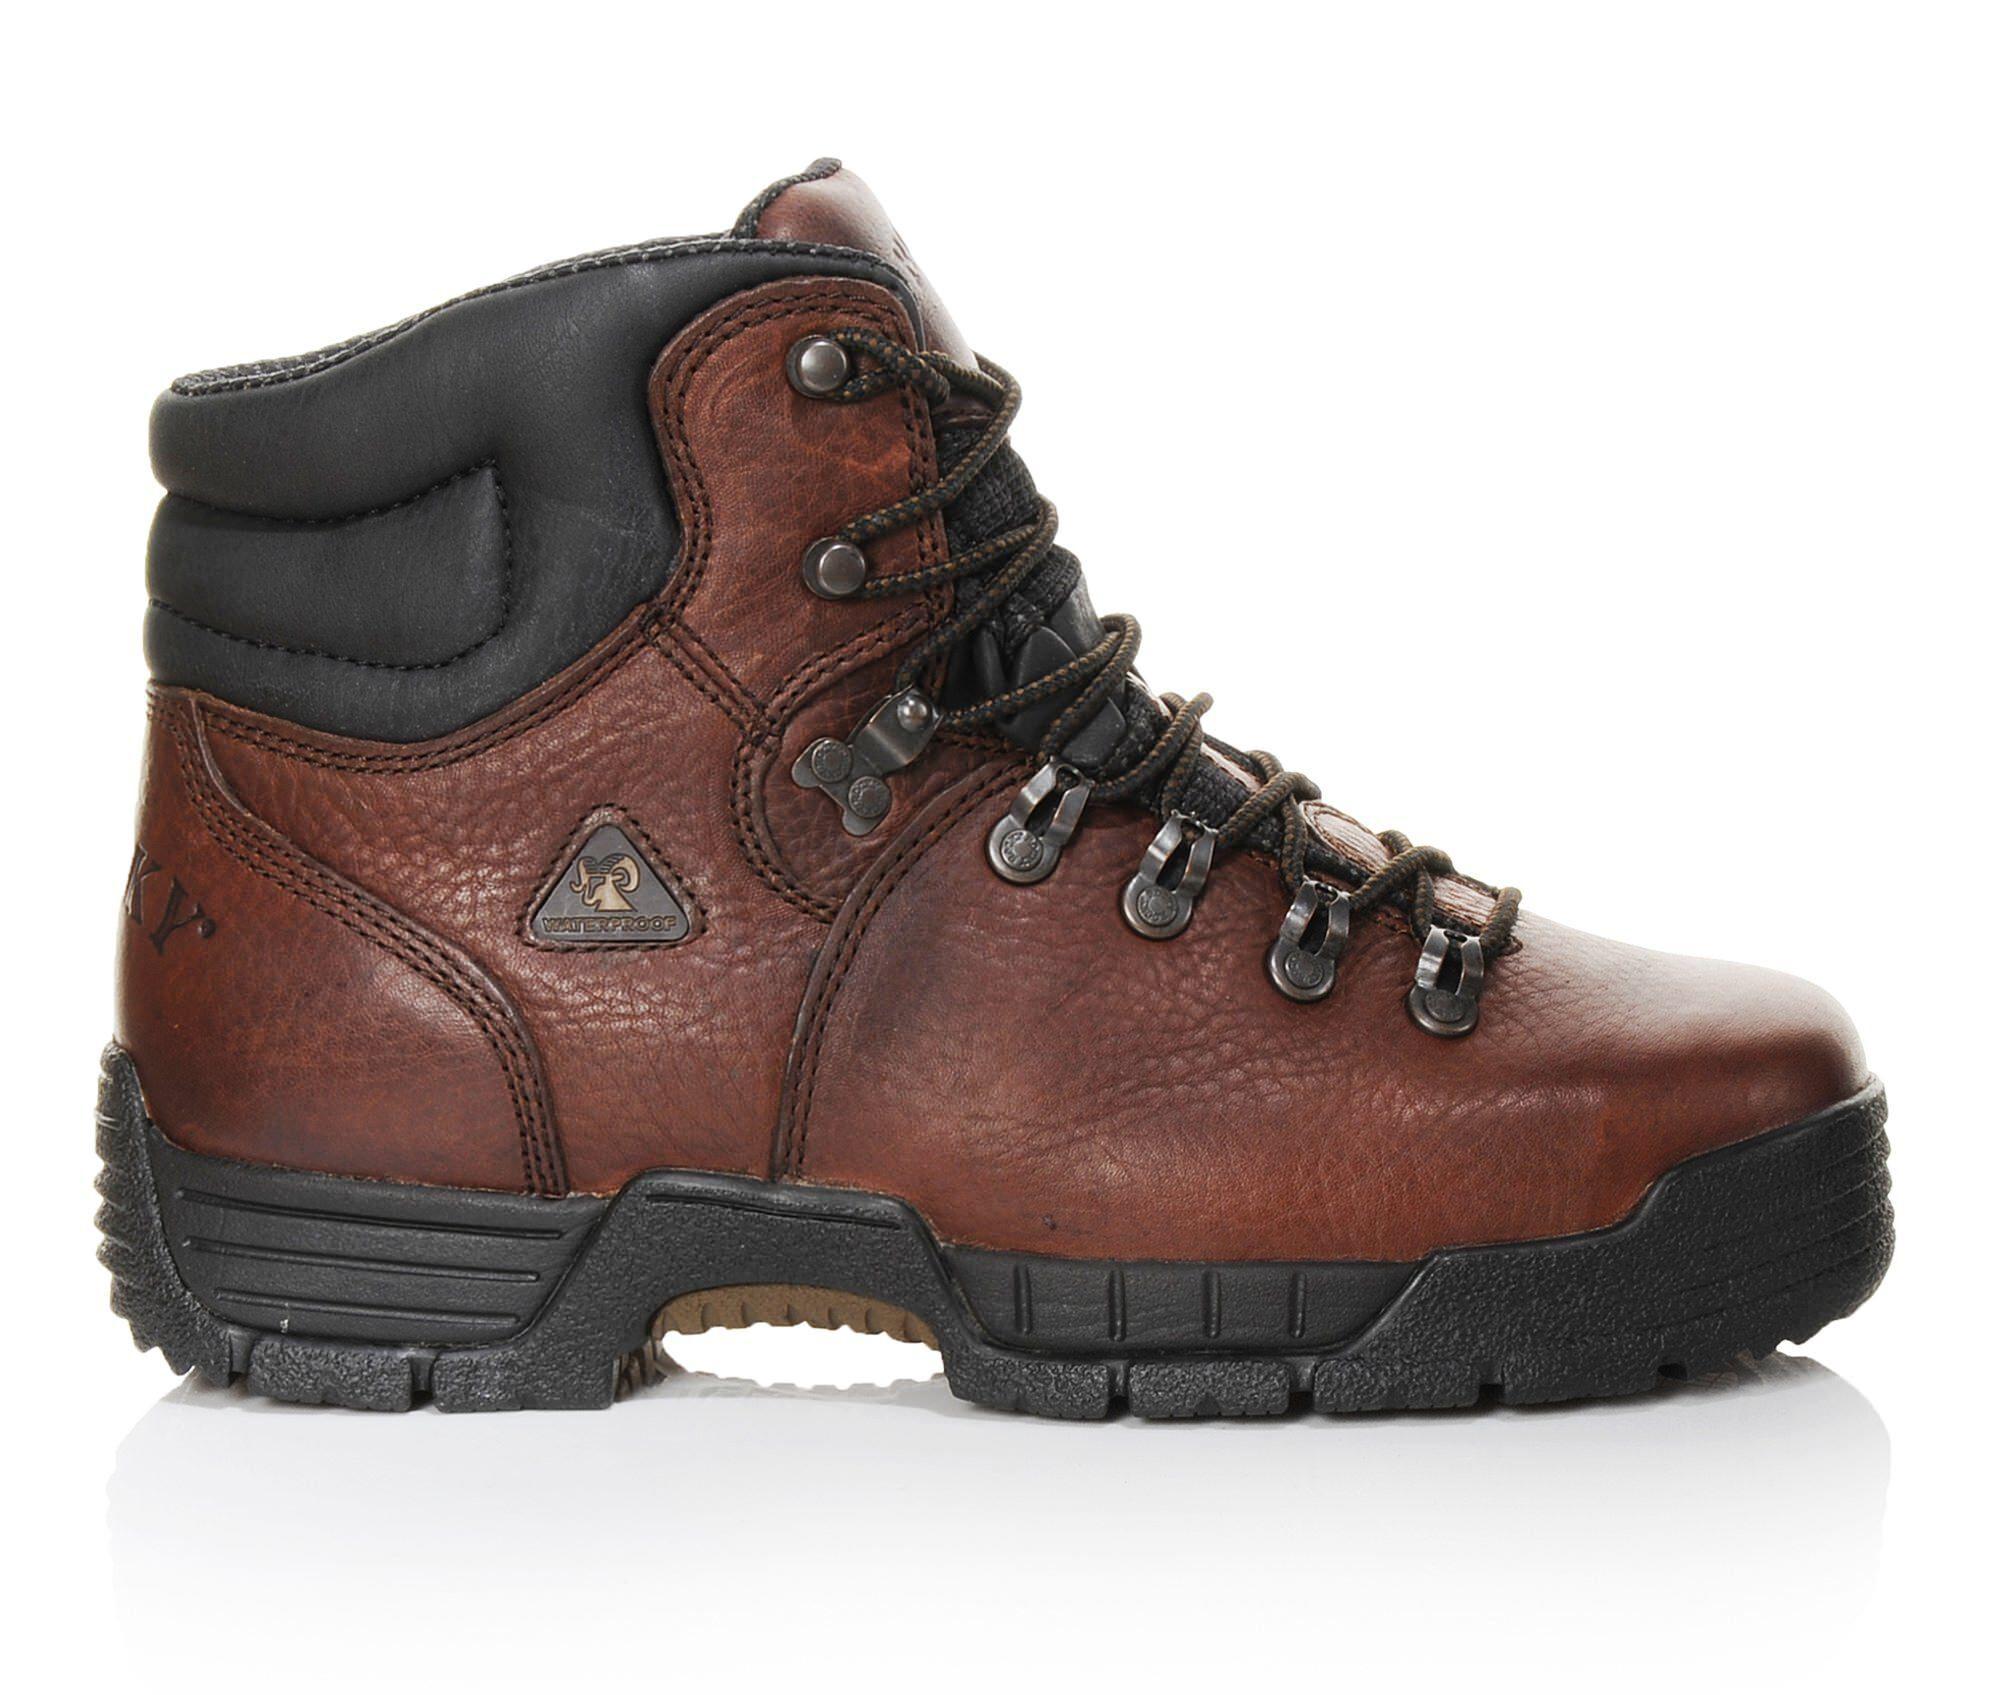 Big Discount Men's Rocky Mobilite 6 In Steel Toe 6114 Work Boots Dark Brown